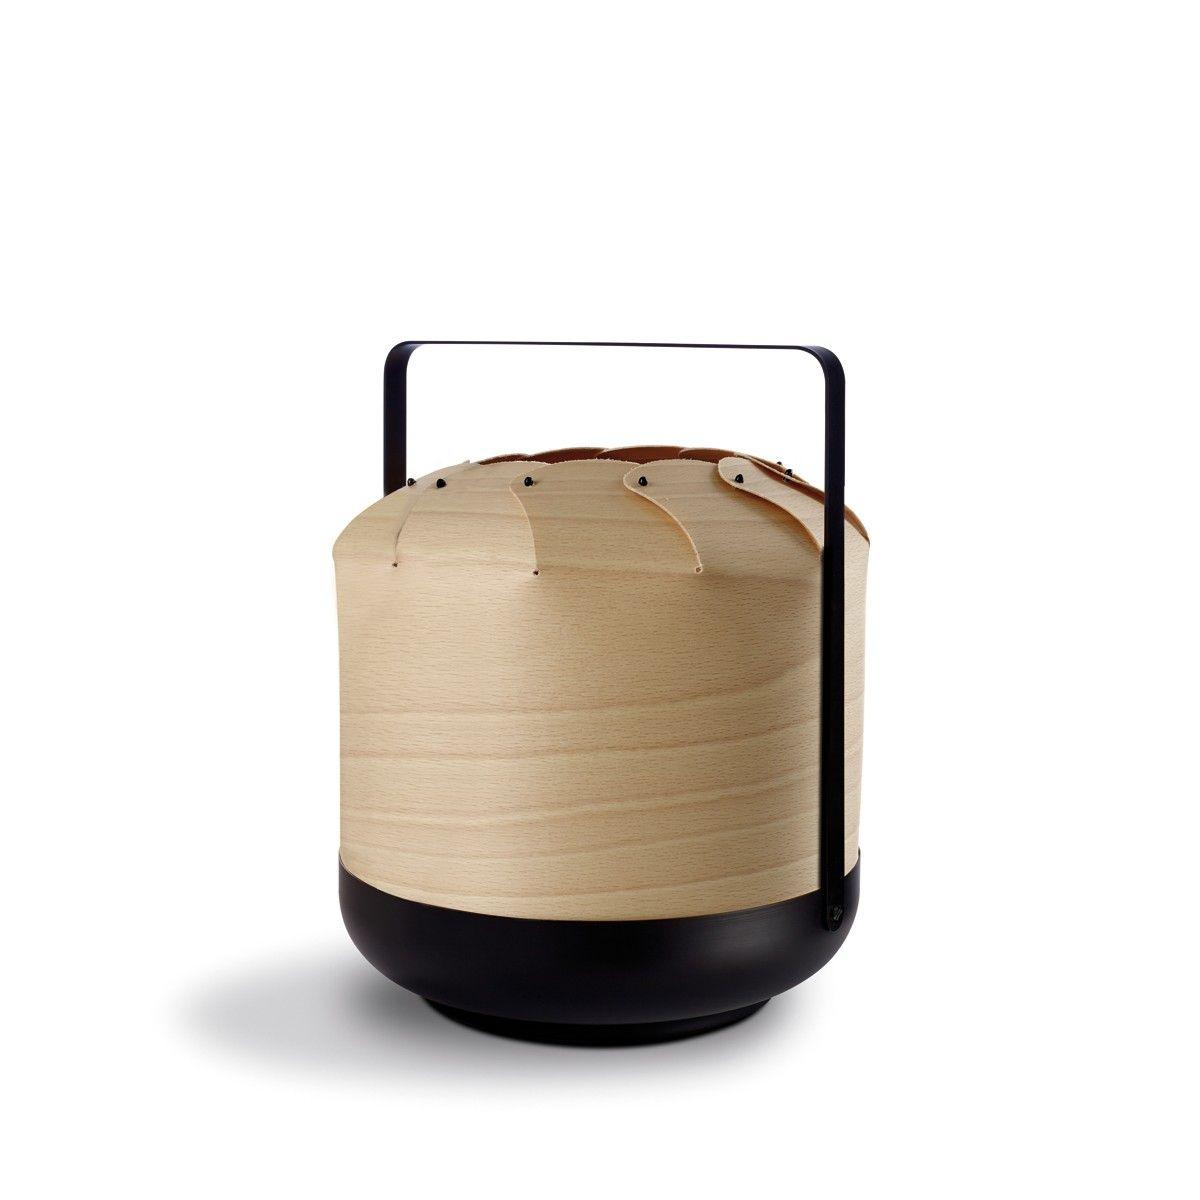 Lzf Lamps Chou Short Tischleuchte Buche Tischleuchte Leuchte Mit Bewegungsmelder Lampen Gunstig